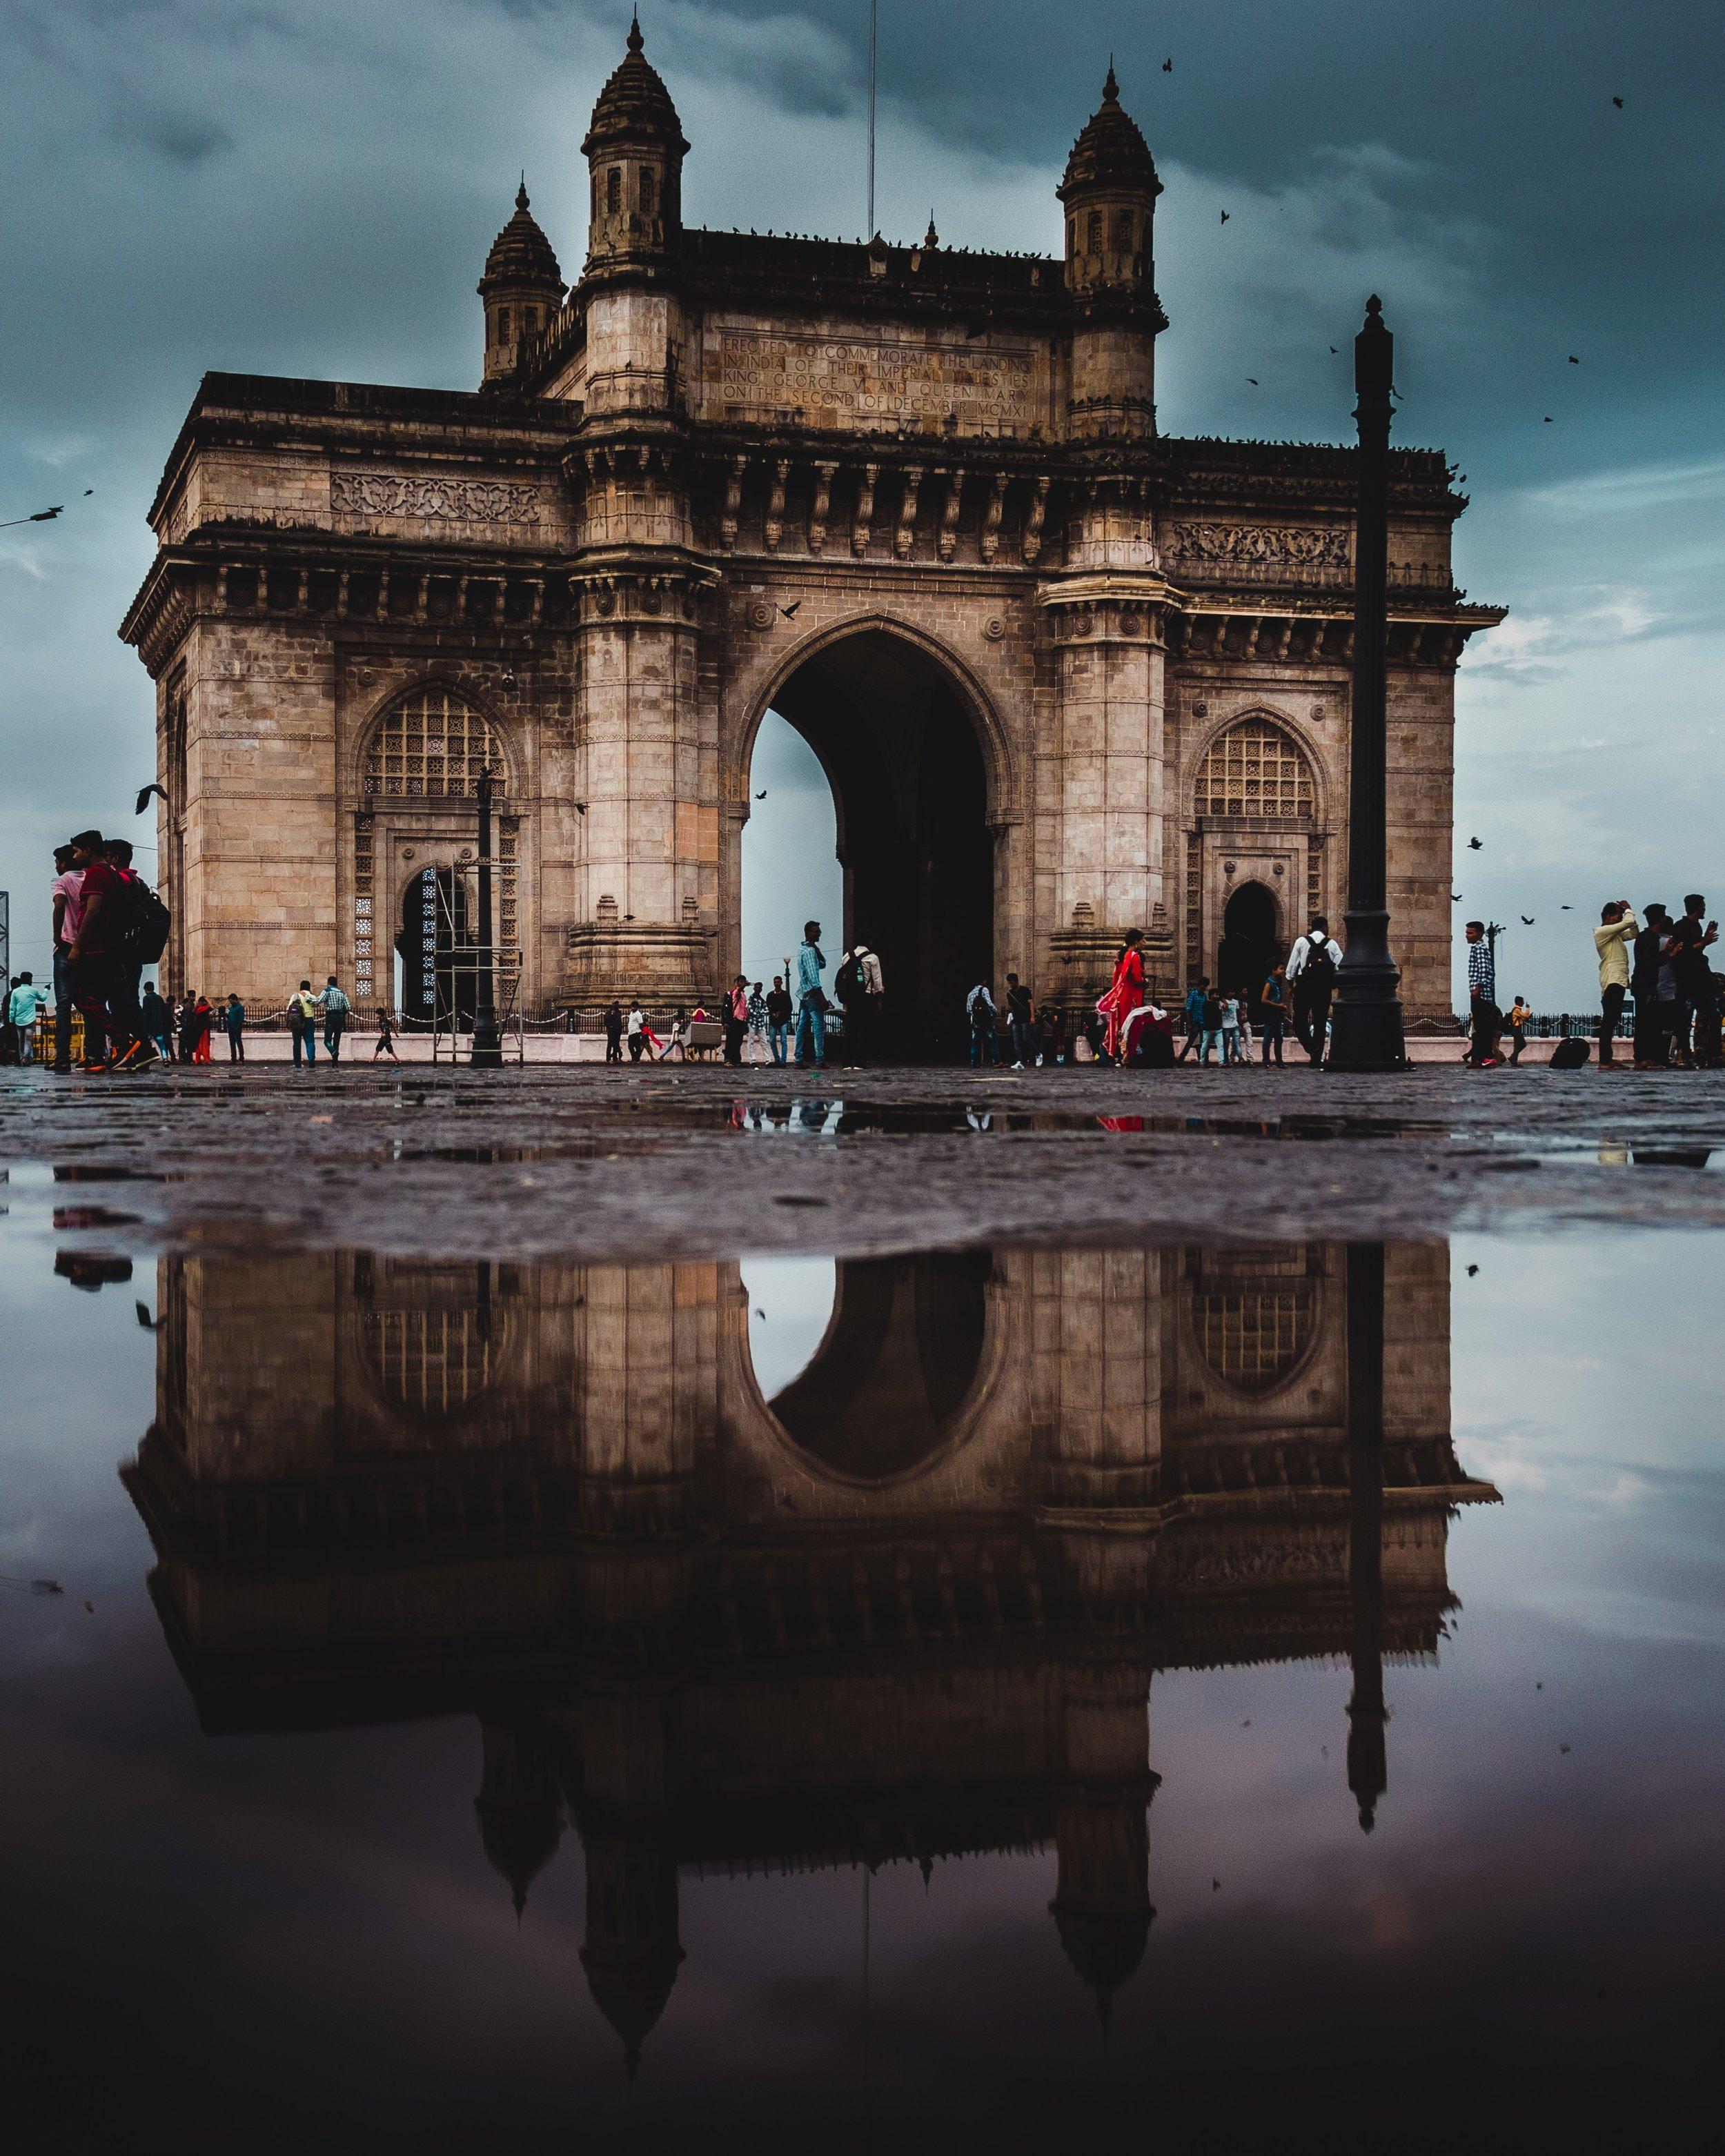 Ali Phillips travels to Goa India